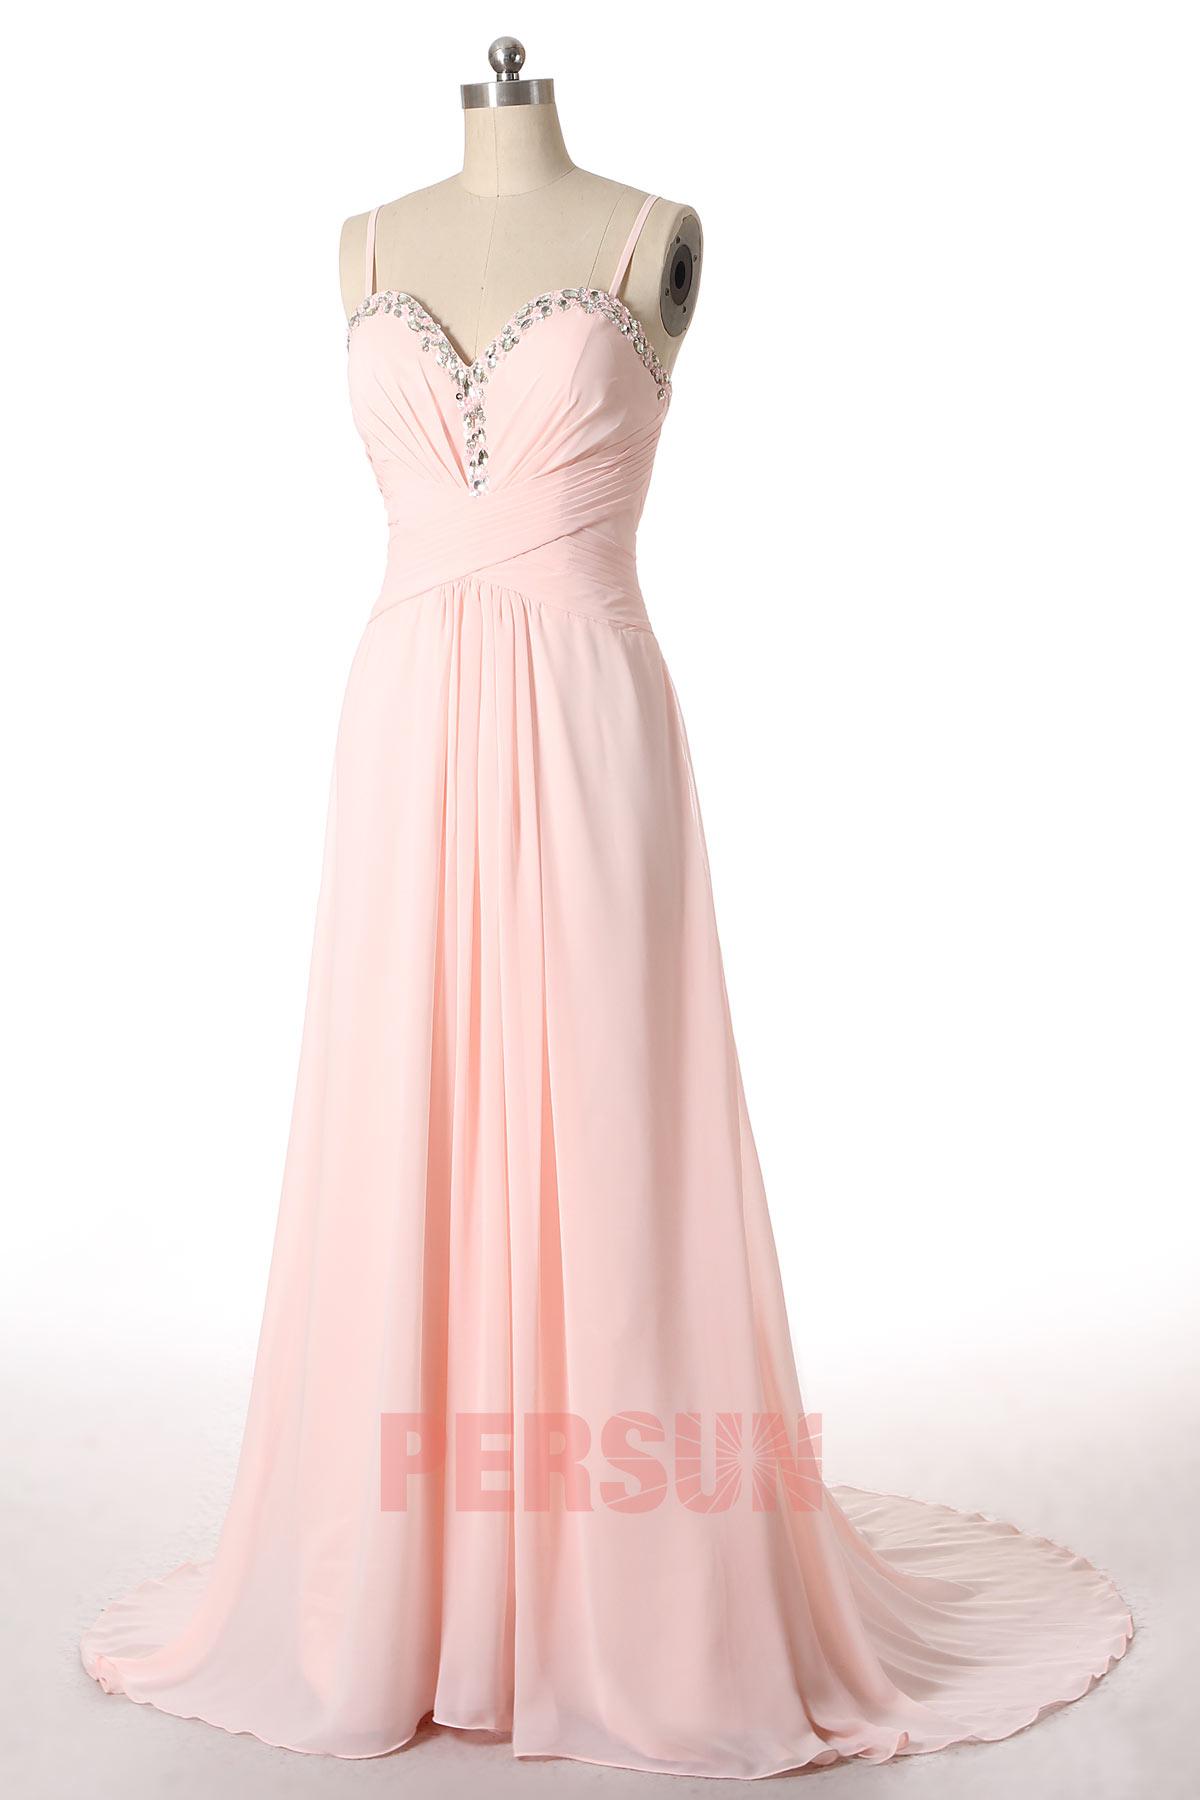 robe demoiselle honneur blush rose poudré bustier coeur embelli de strass à bretelle fine